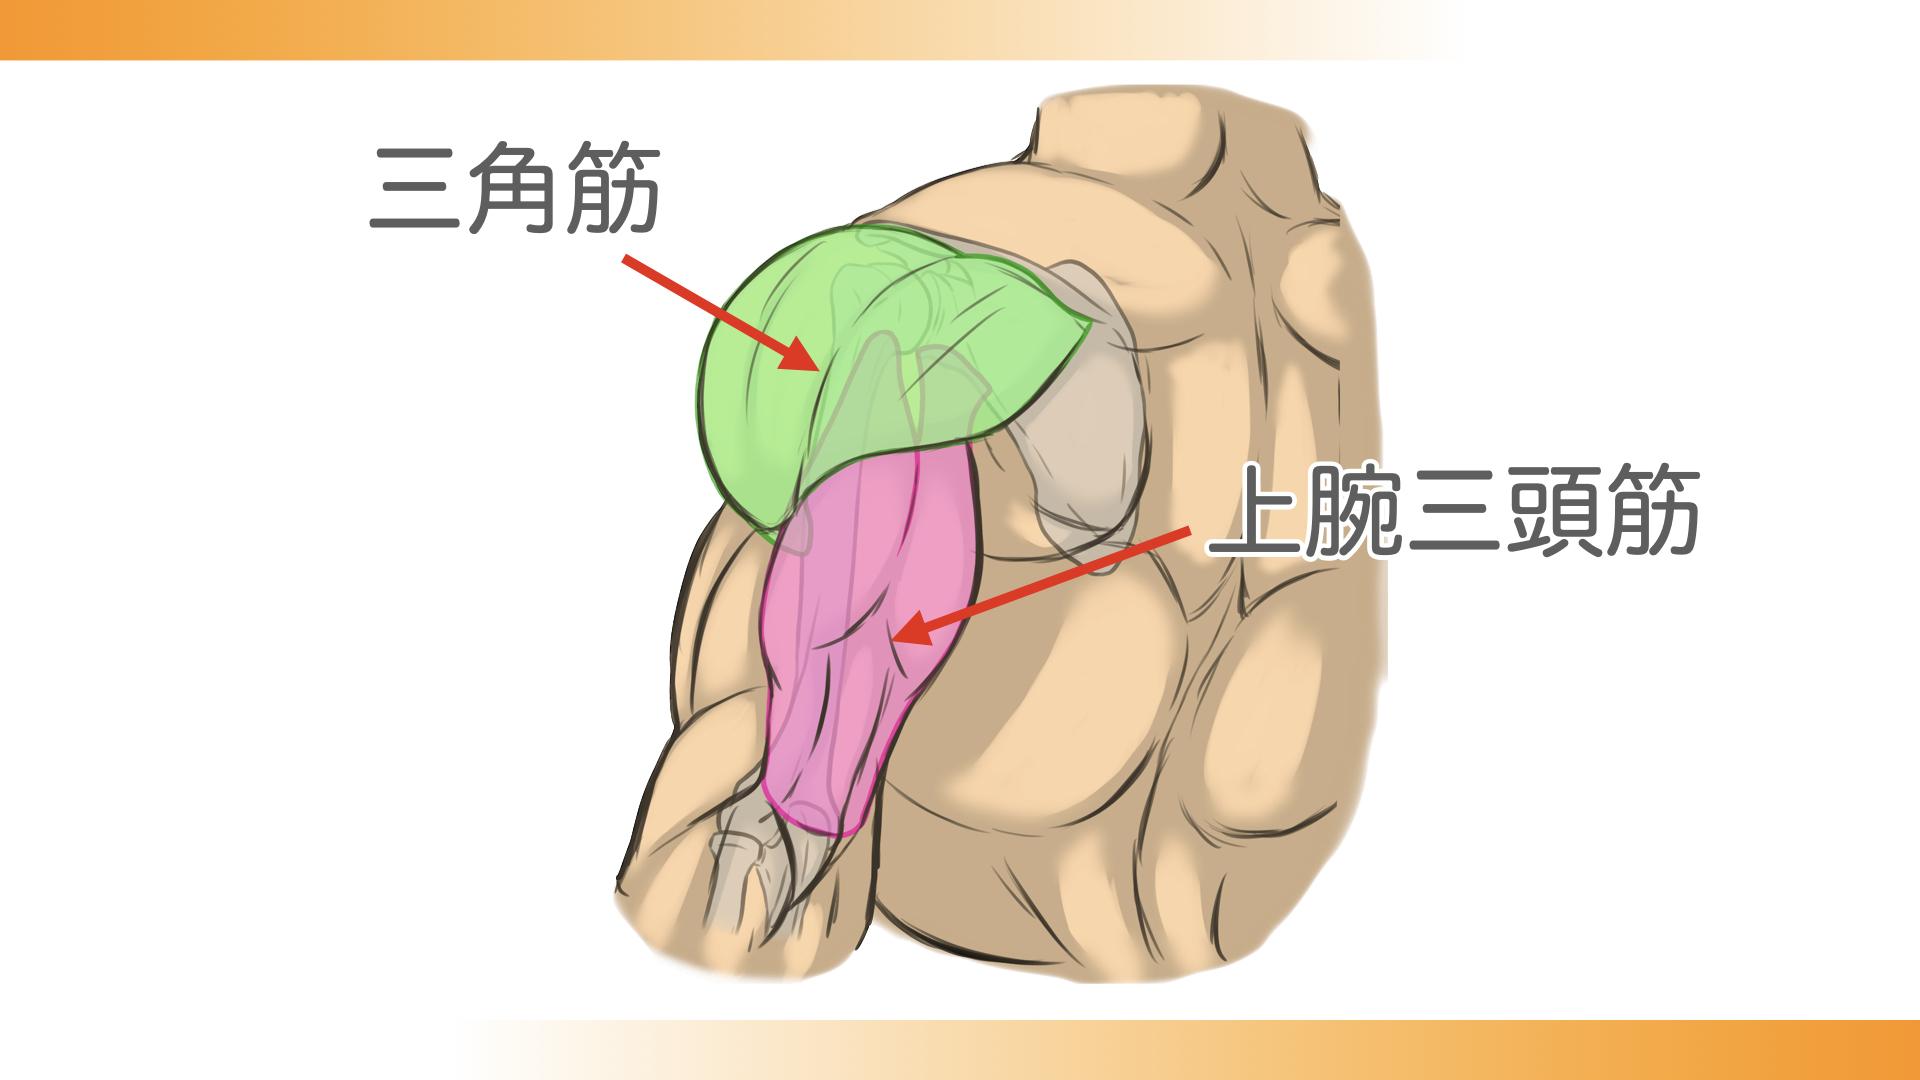 上腕三頭筋の上に三角筋が回り込む形で覆いかぶさっています。